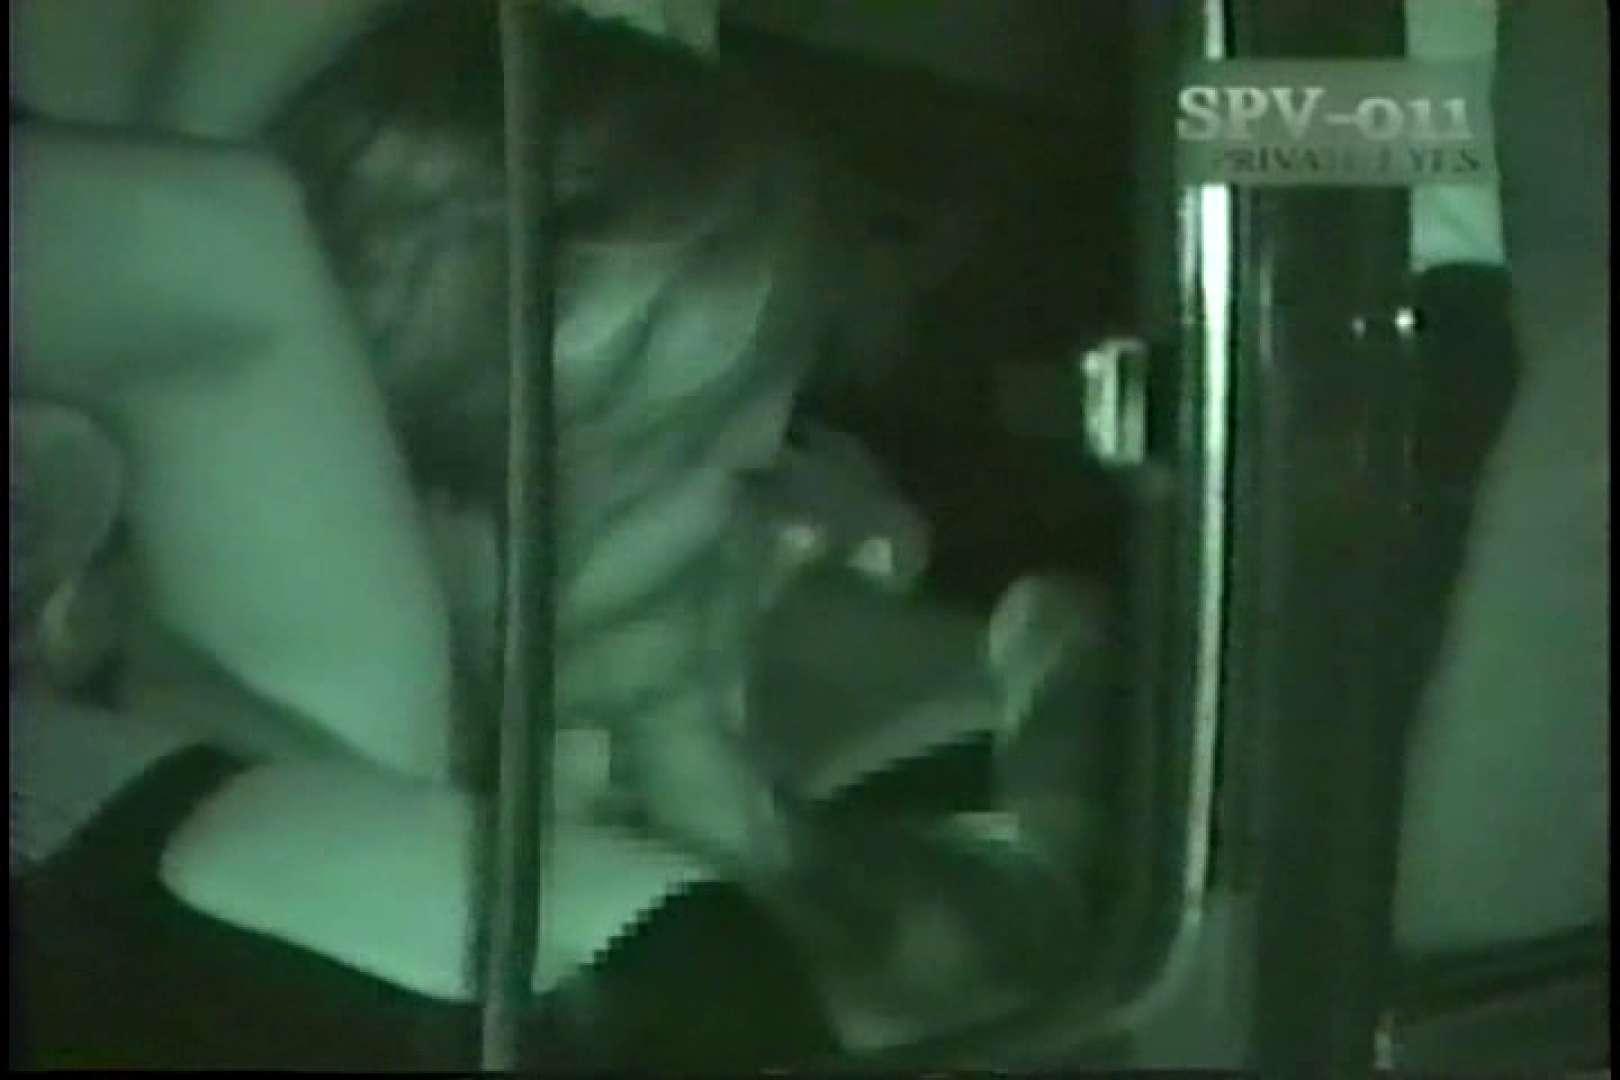 高画質版!SPD-011 盗撮 カーセックス黙示録 (VHS) 盗撮   名作  63pic 9